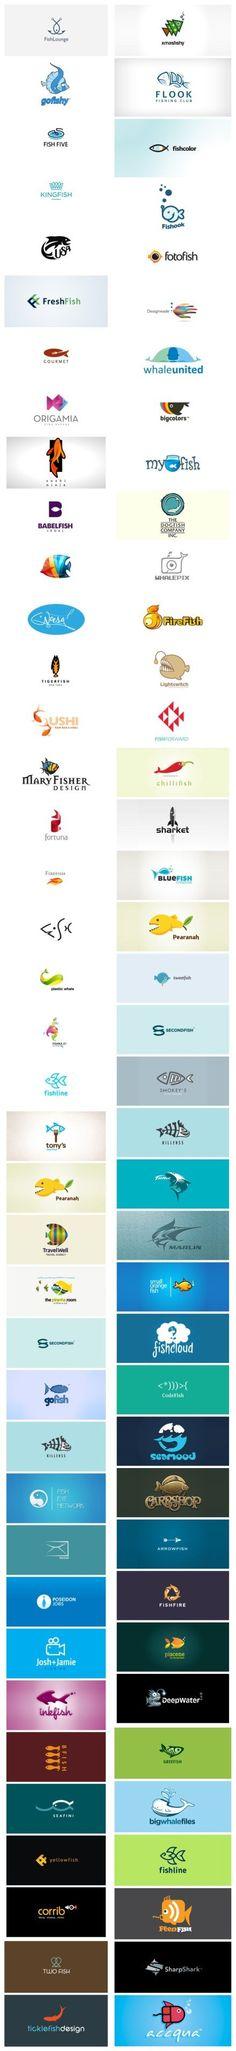 以鱼为元素的logo设计